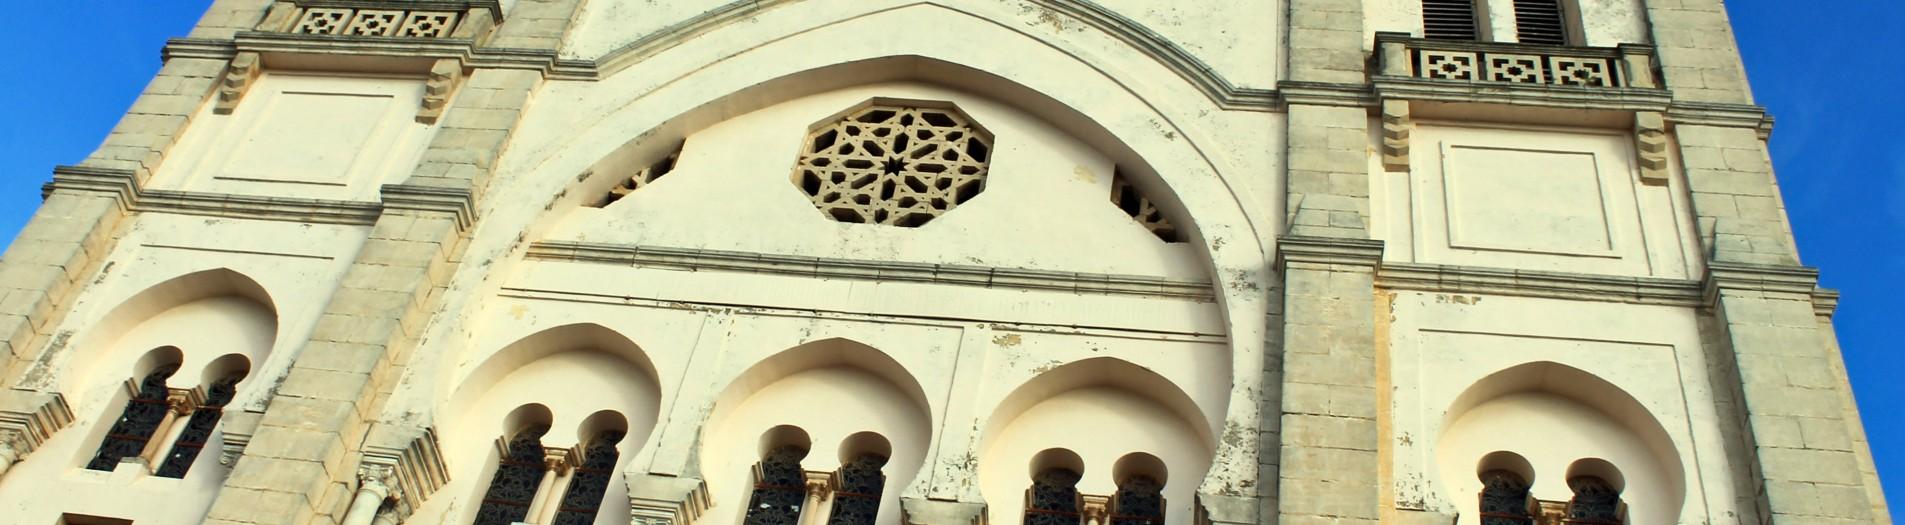 L'acropolium de Carthage